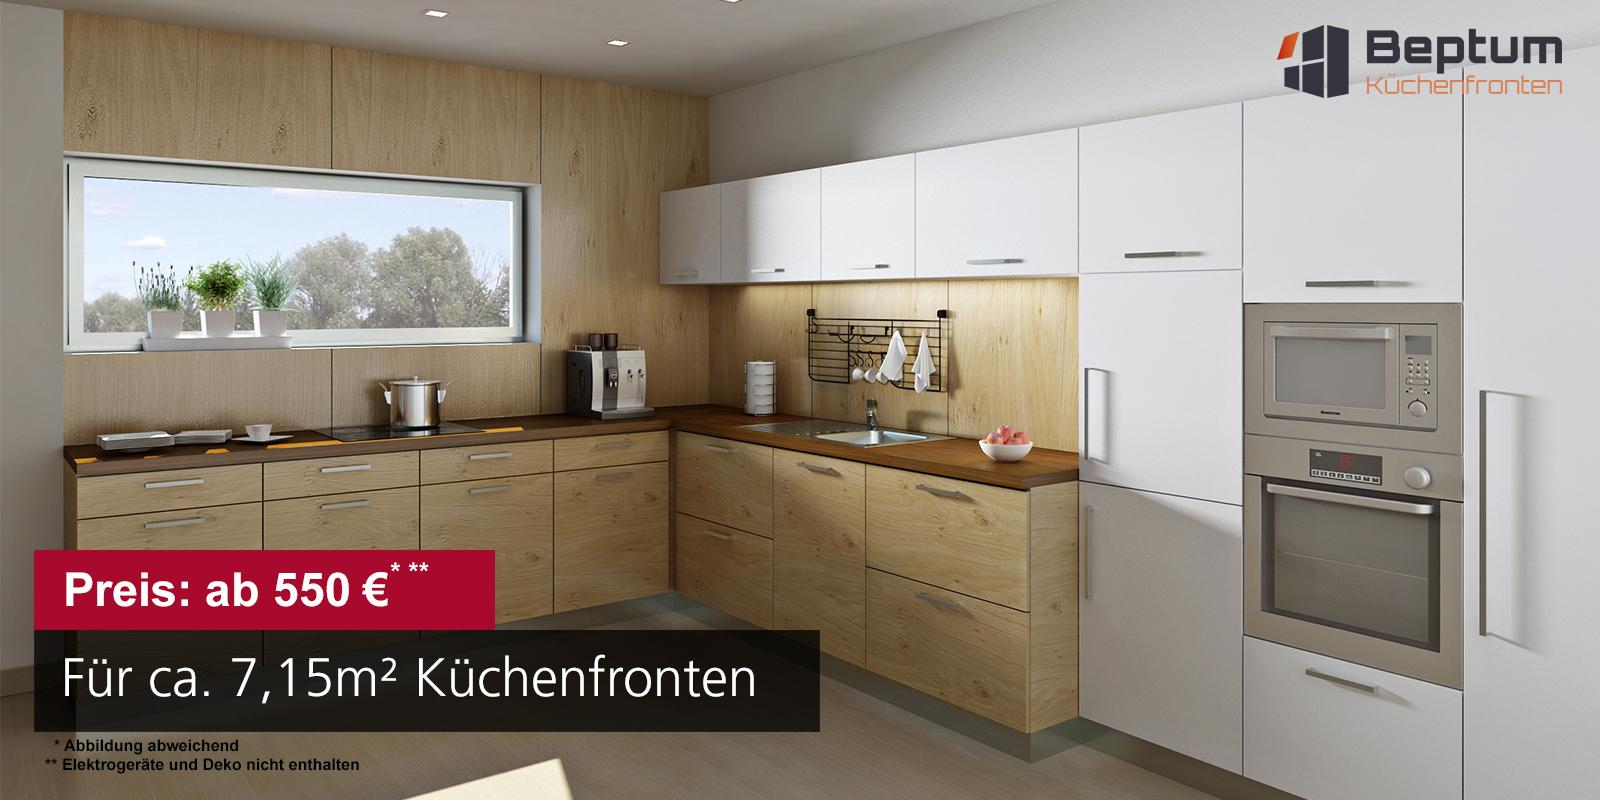 Nolte Kuchen Fronten Austauschen – Caseconrad.com